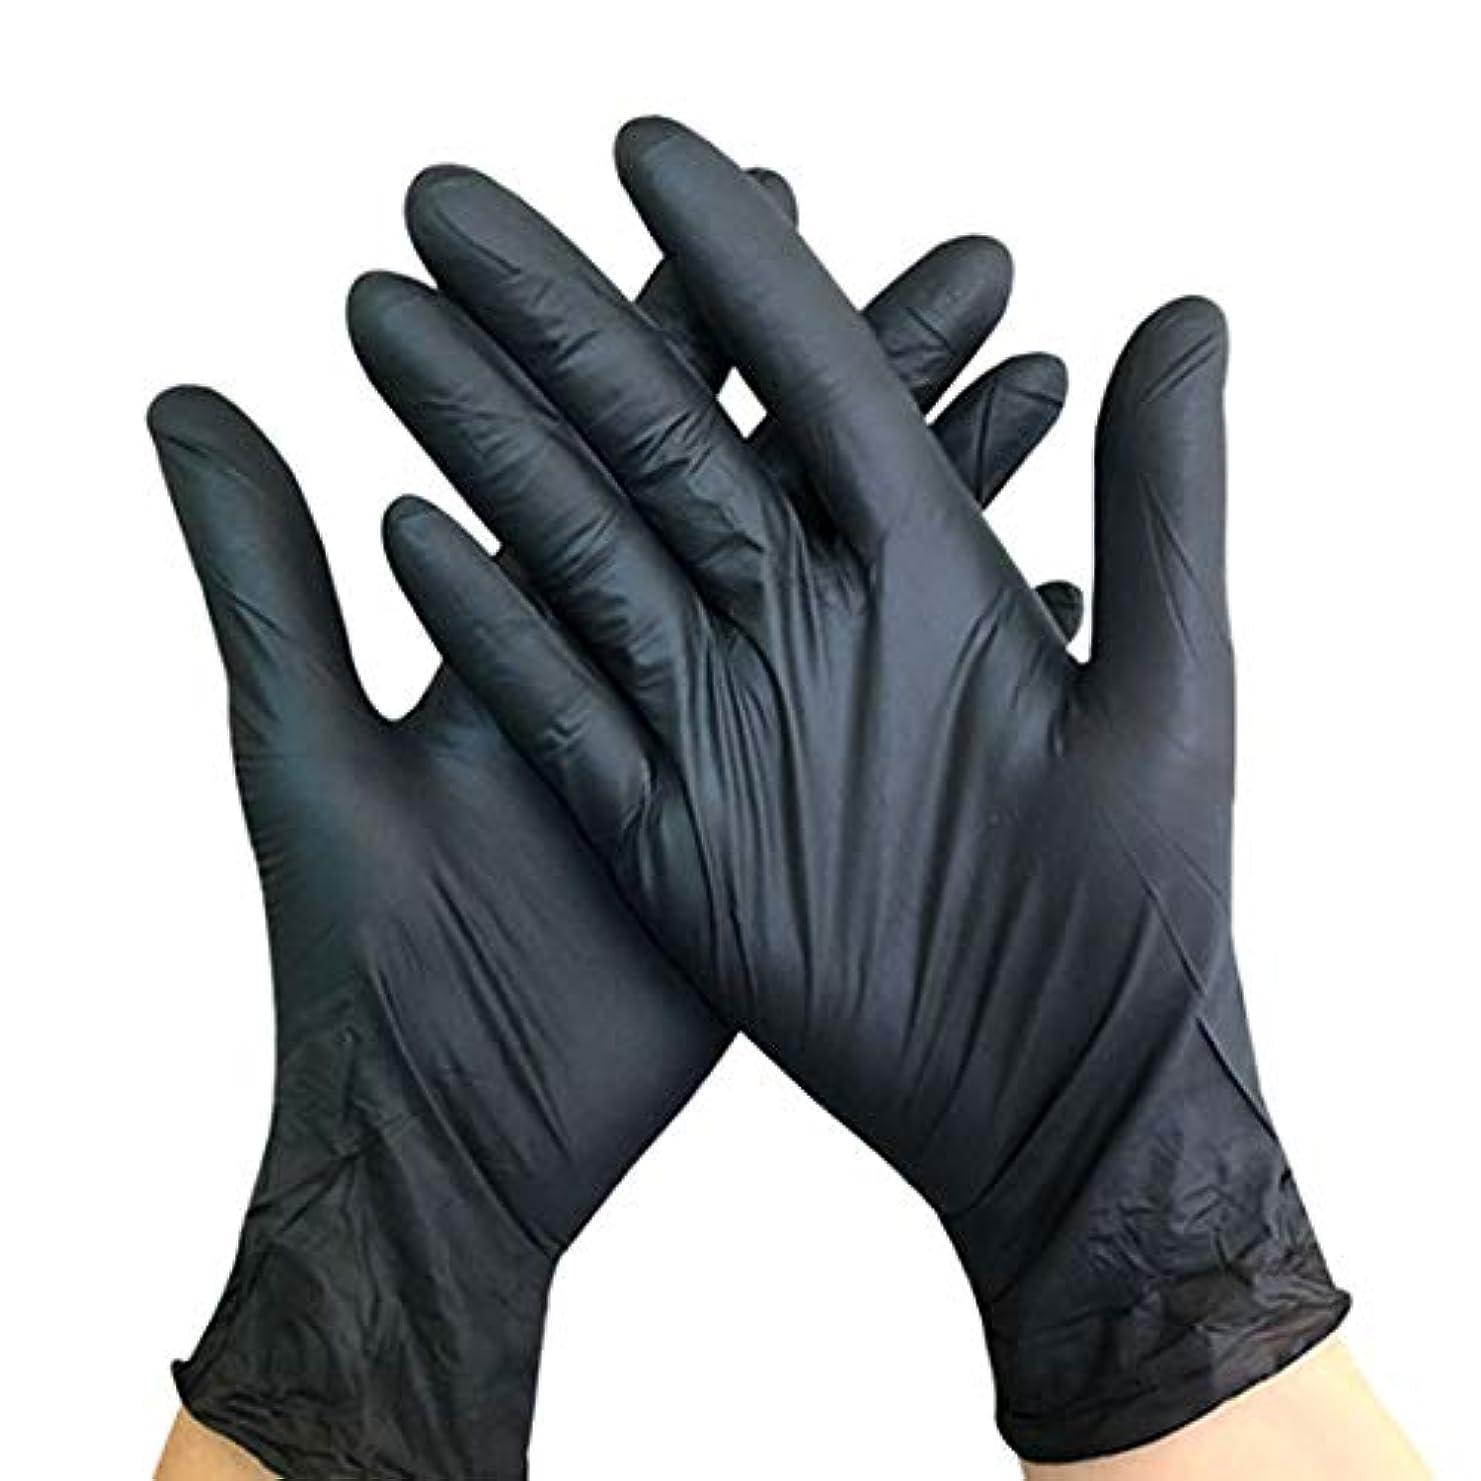 憂慮すべき知覚的リズムYuena Care 使い捨て手袋 100枚入 ニトリルグローブ 粉なし 作業手袋 耐油 料理 掃除 衛生 工業用 医療用 美容用 レストラン用 左右兼用 M